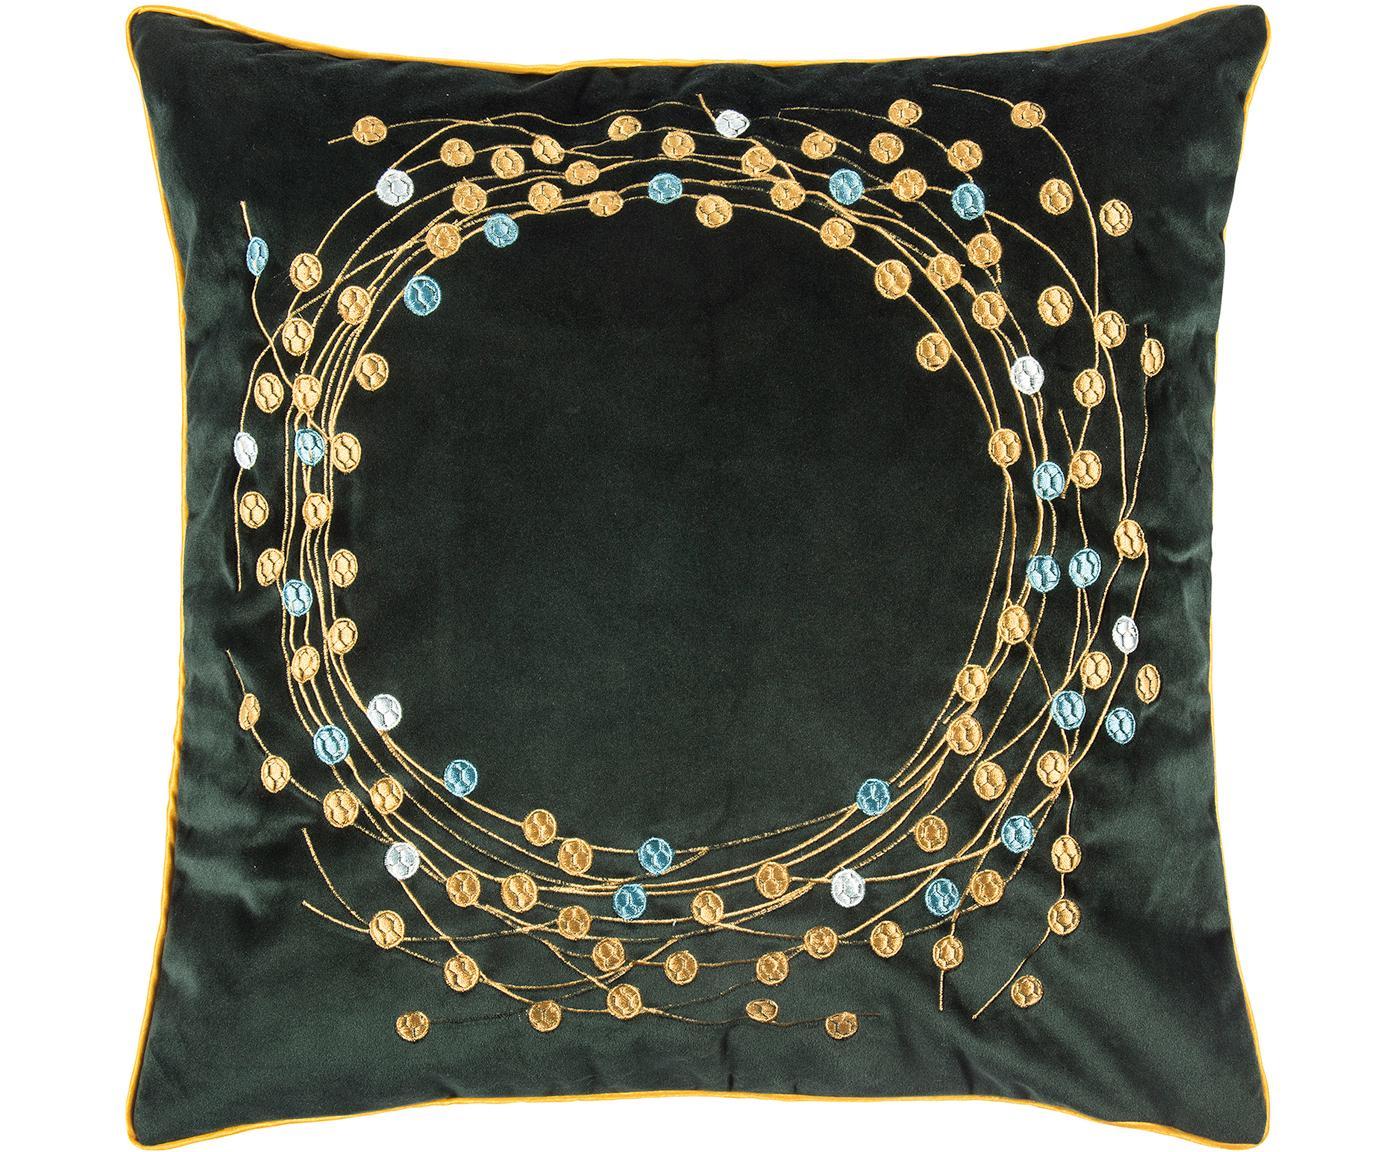 Federa arredo in velluto Circle, Velluto di poliestere, Verde scuro, dorato, Larg. 45 x Lung. 45 cm